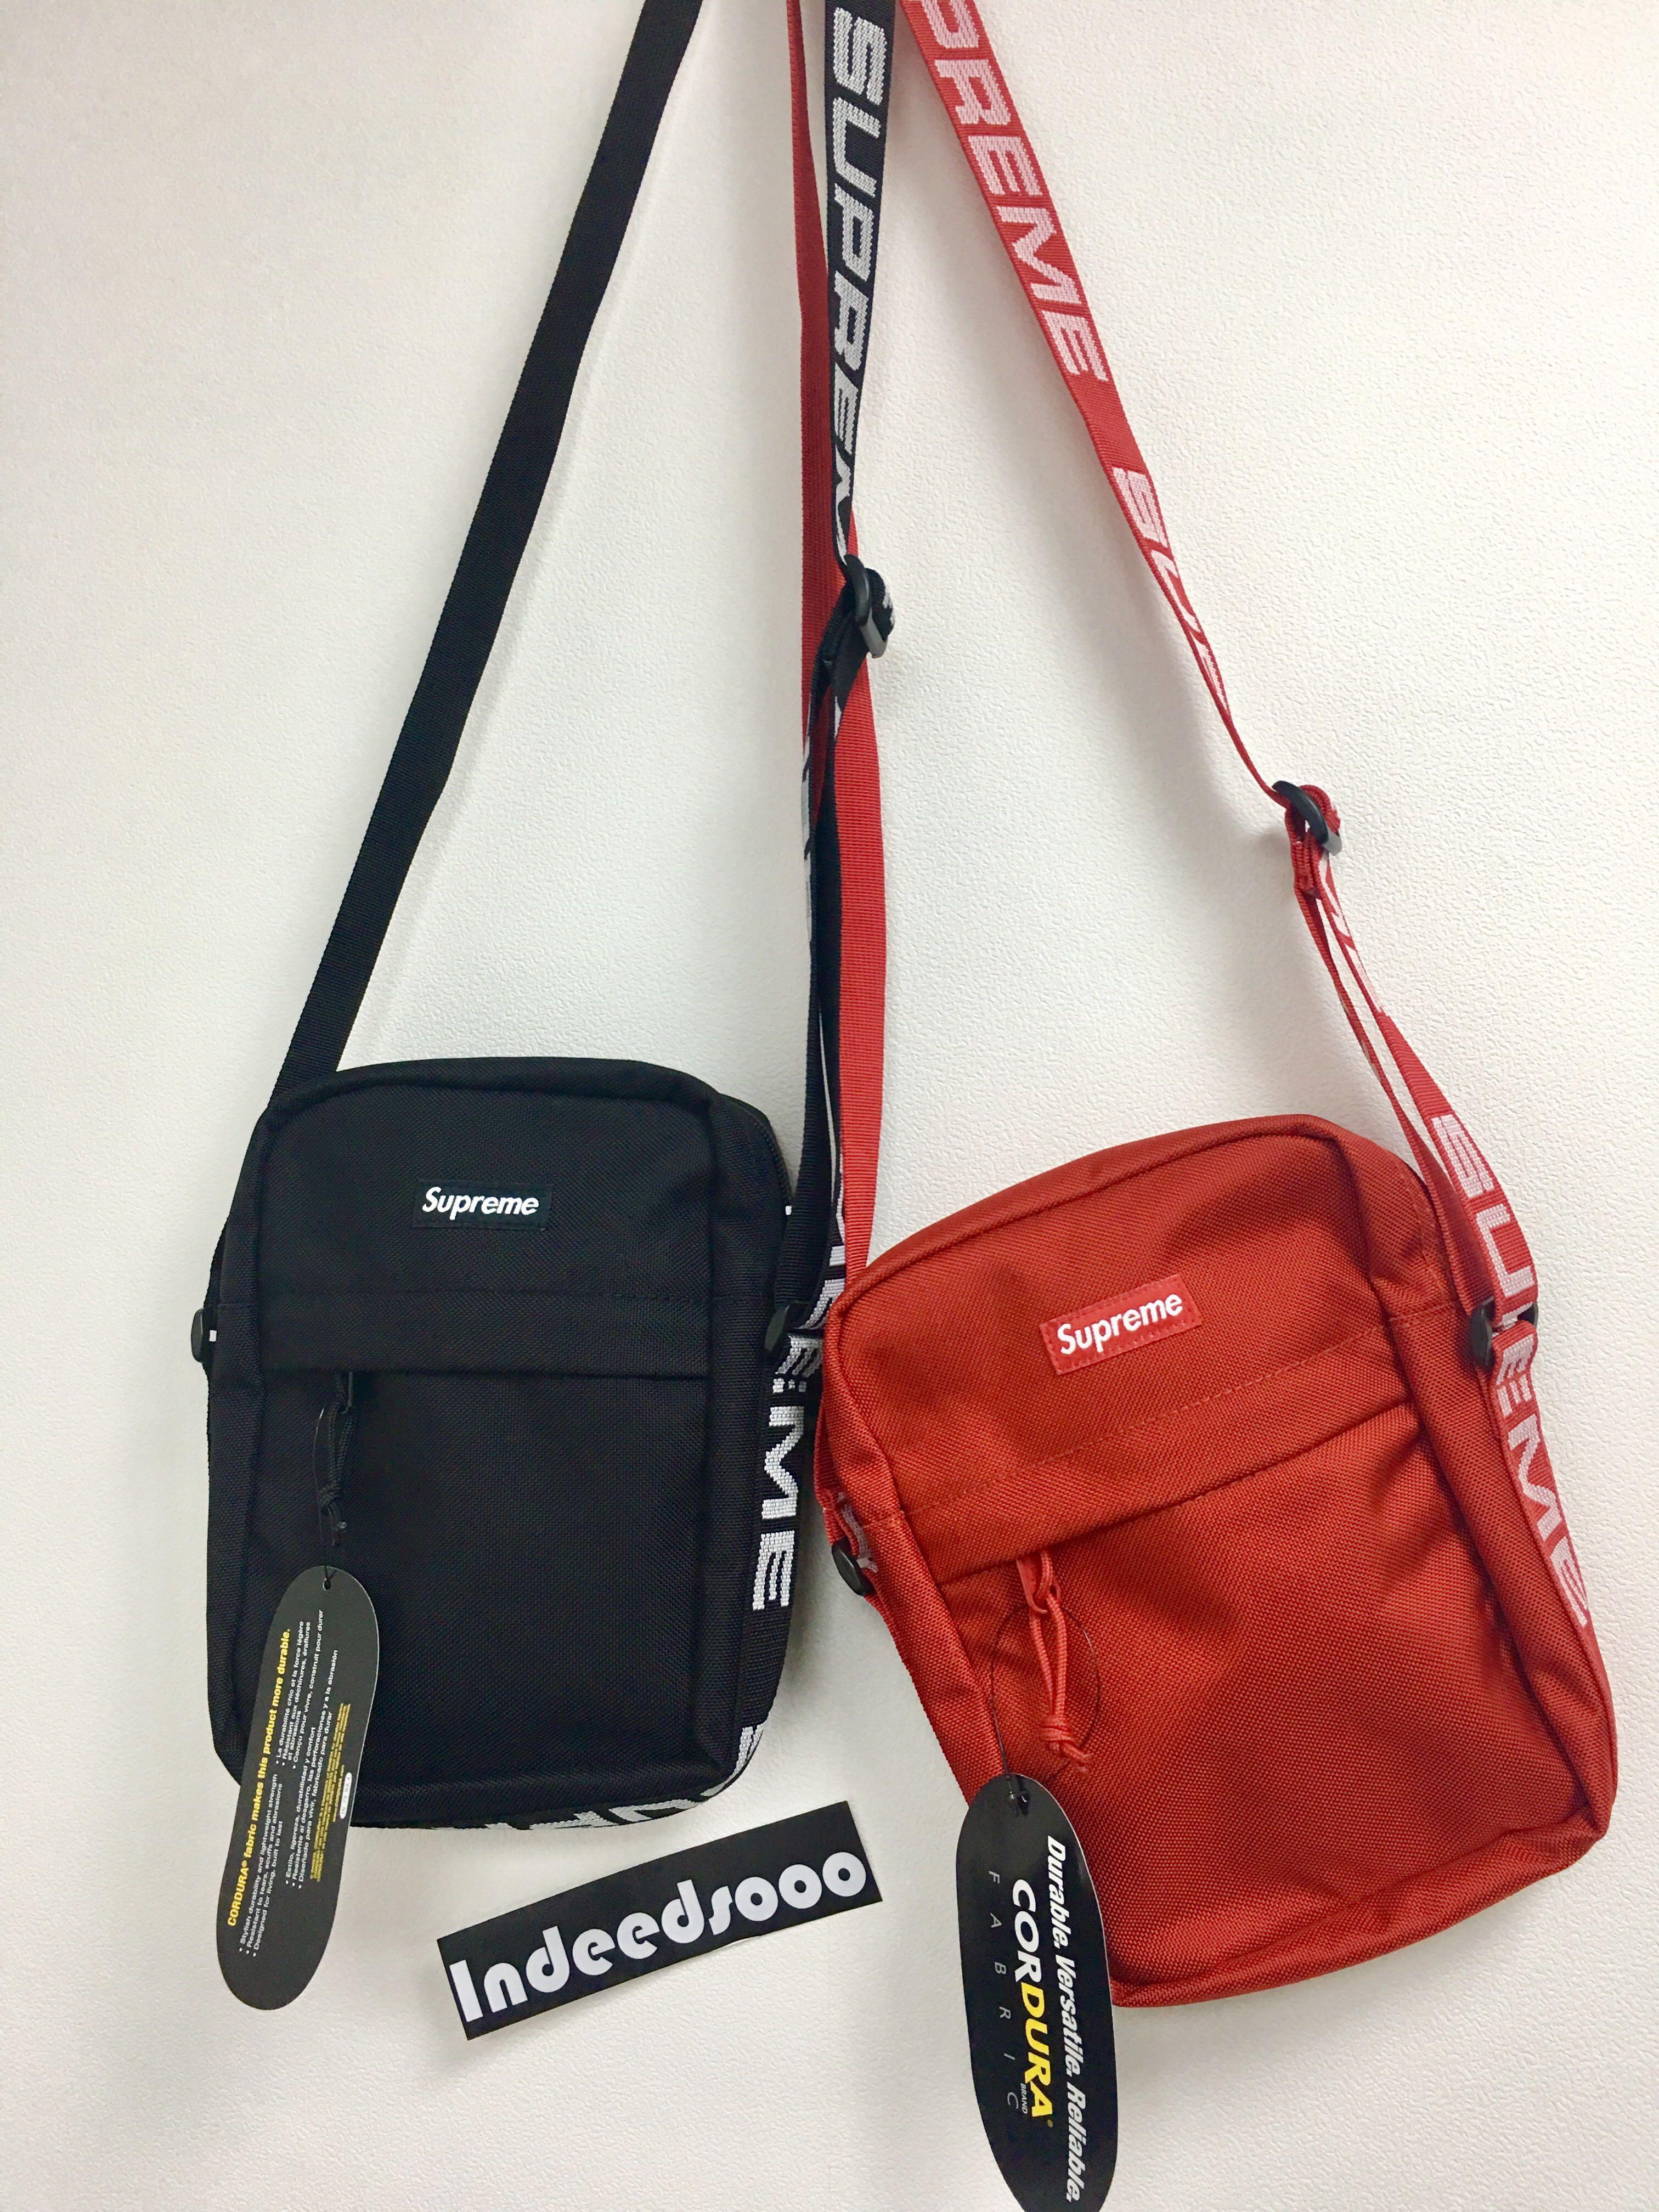 Supreme Ss18 Shoulder Bag Dimensions